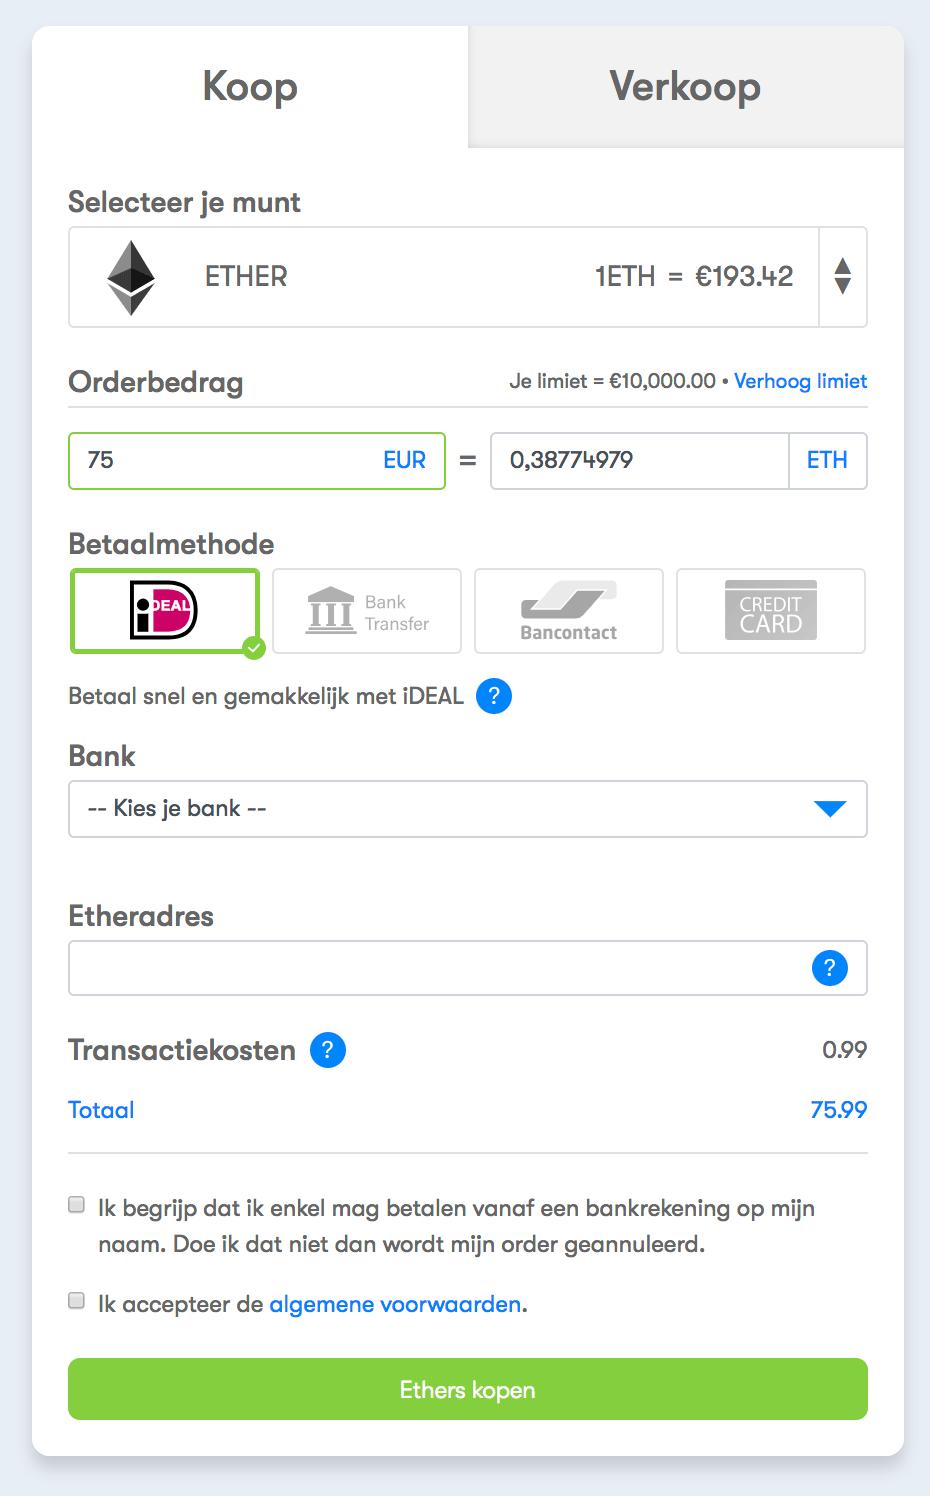 Het aankoopproces voor het kopen van Ethereum